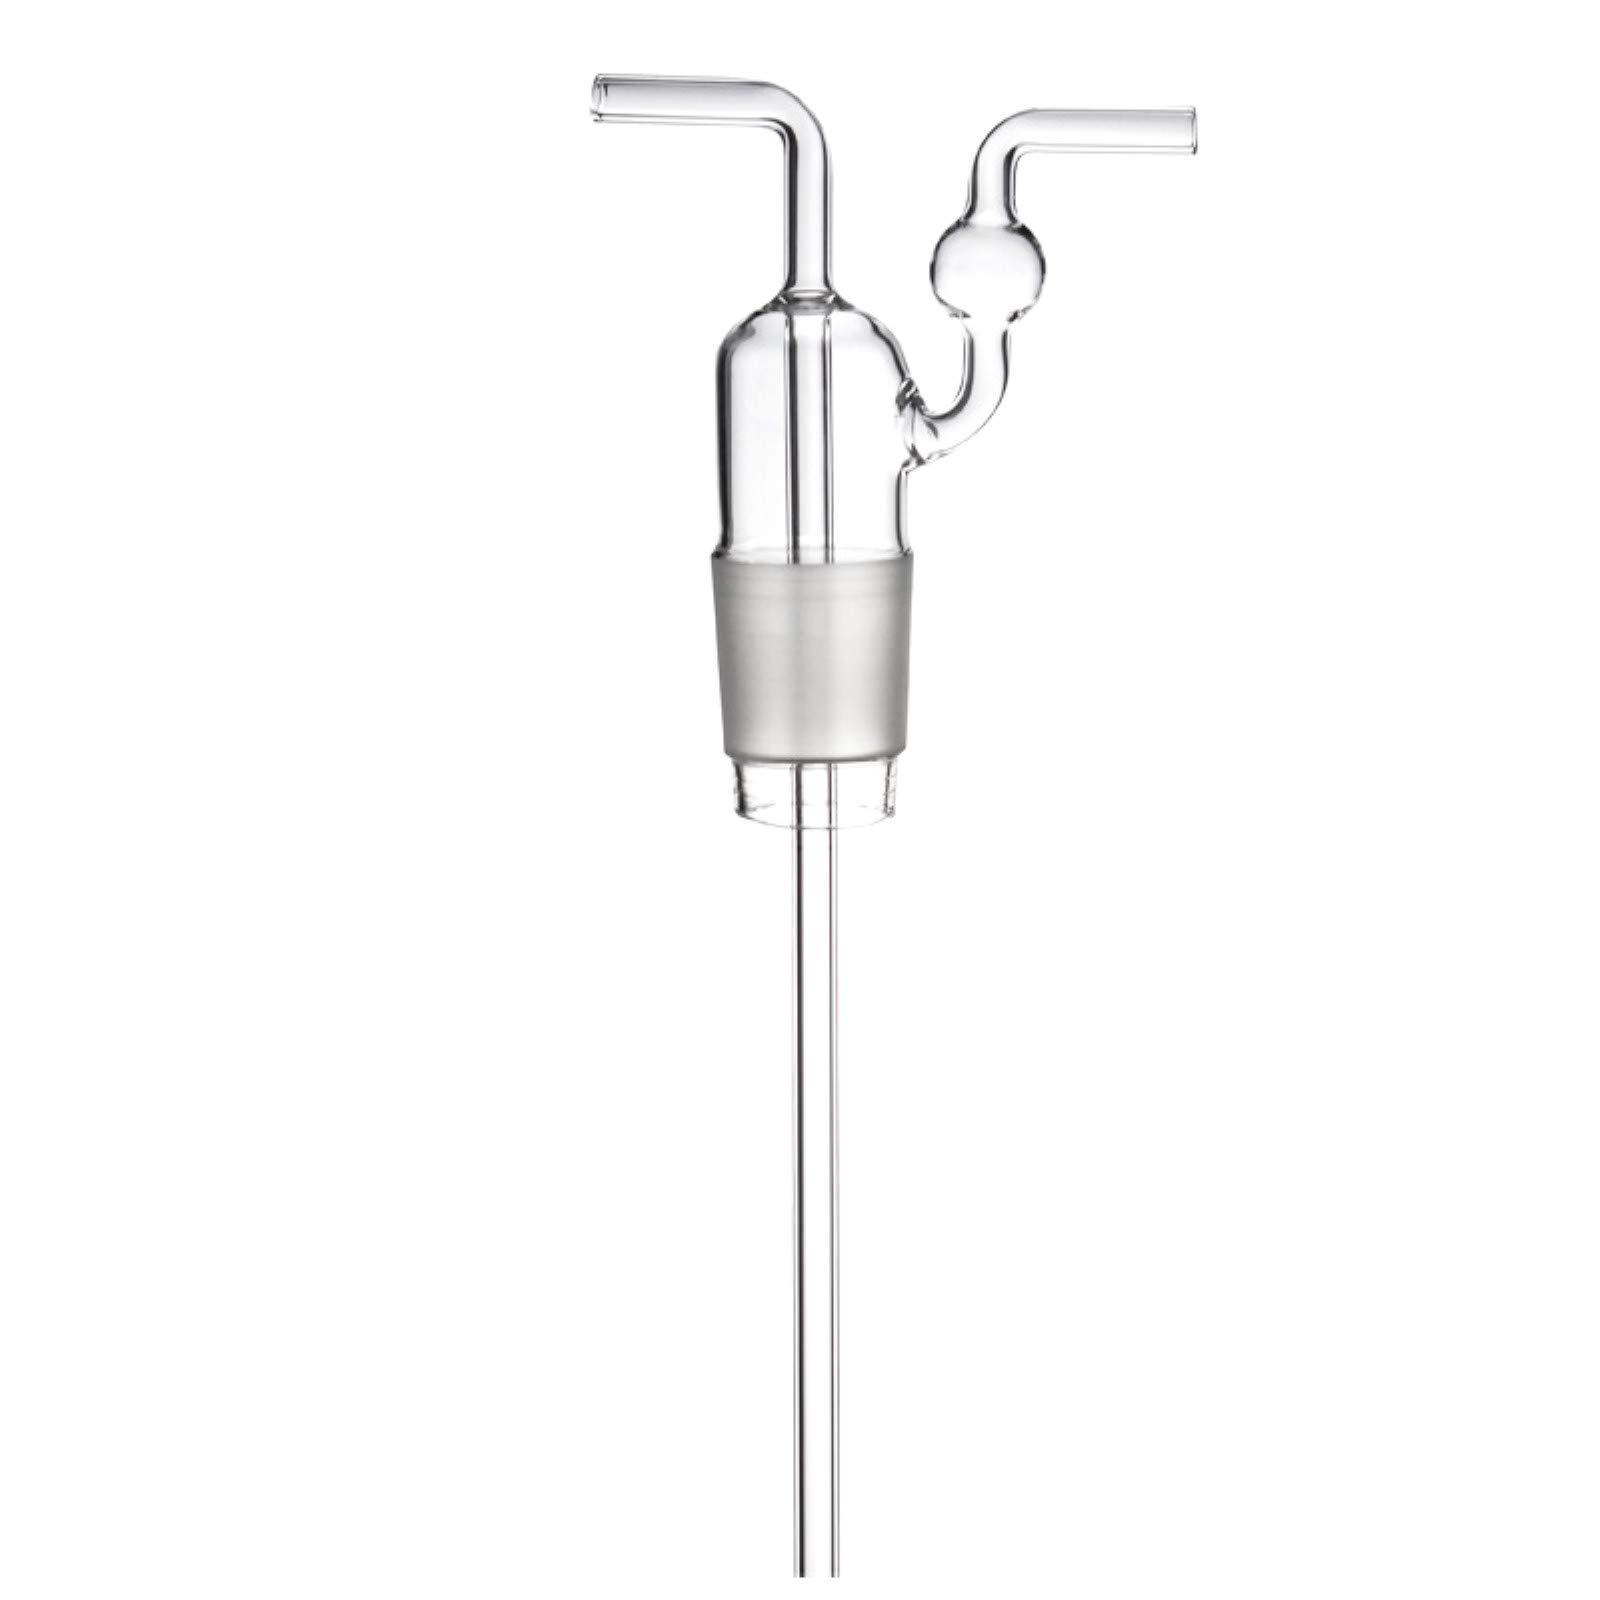 Deschem 500ml Gas Washing Bottle,Straight Tube,Lab Glass Wash-Flask by Deschem